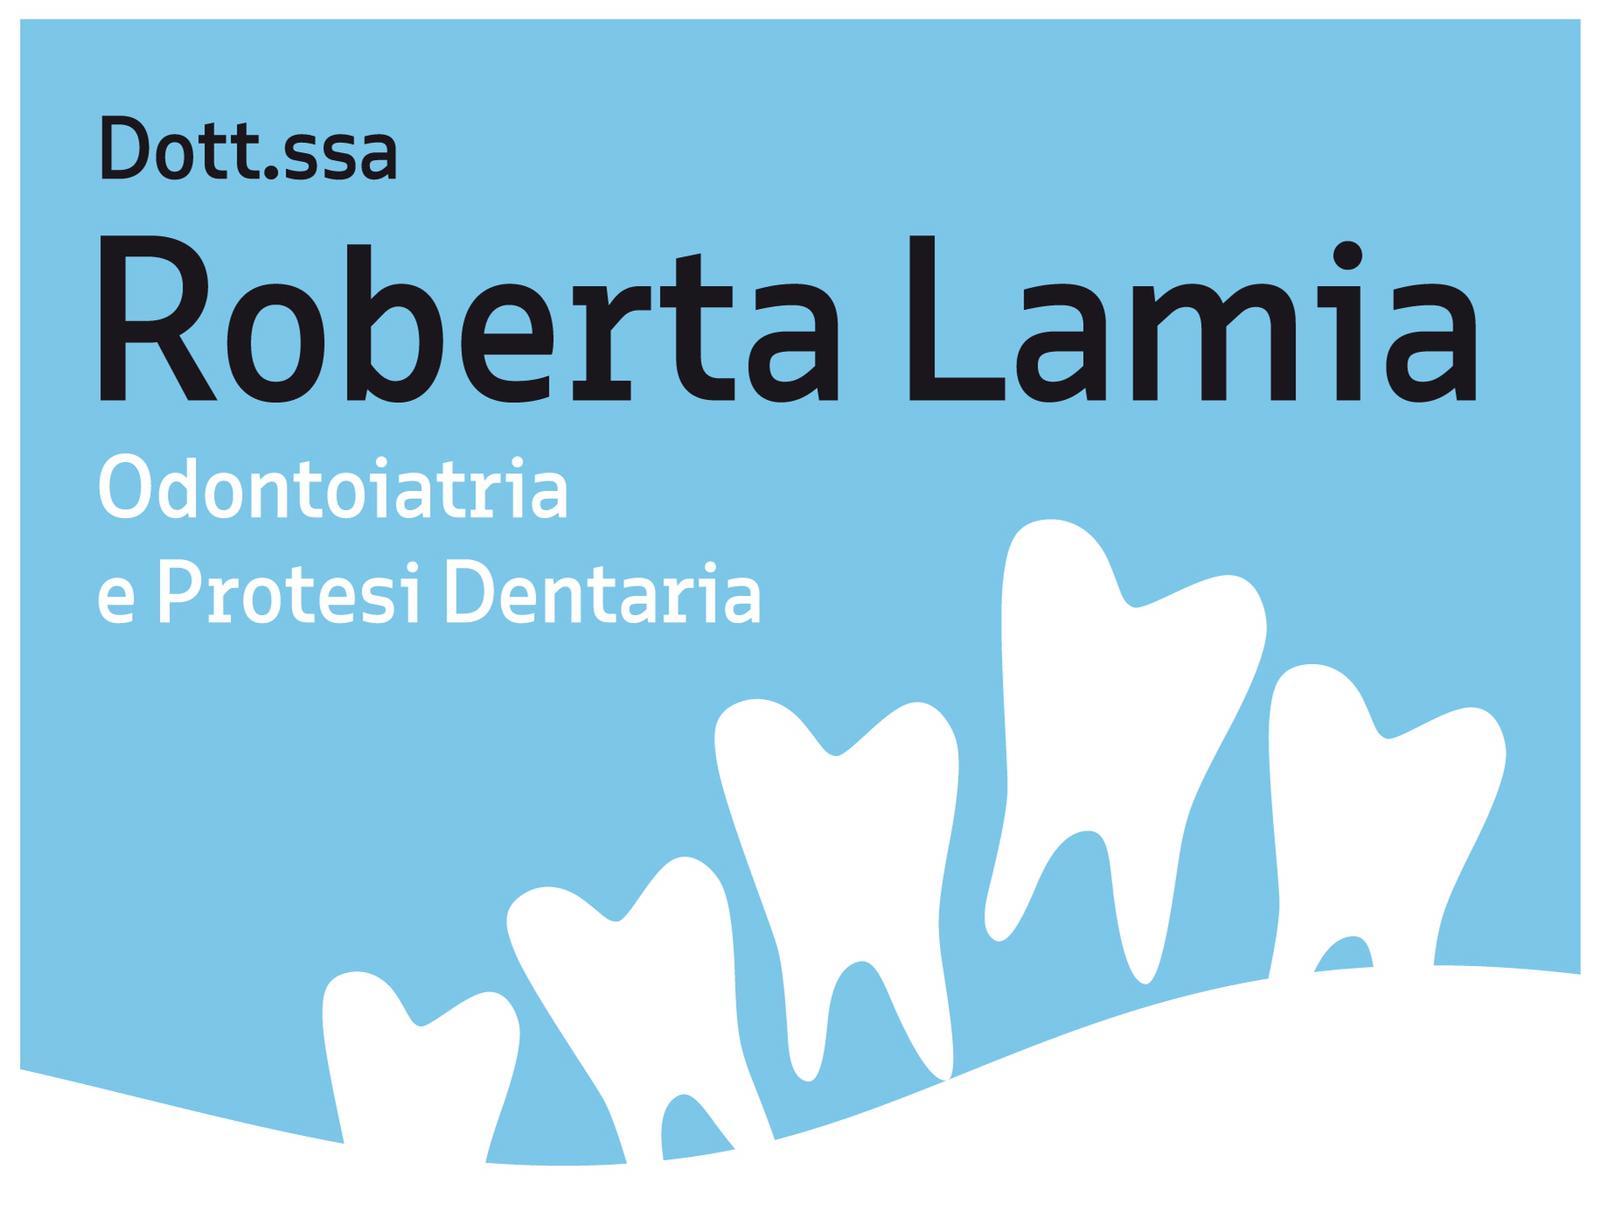 Roberta Lamia Odontoiatra e Protesi Dentaria – Studio Dentistico – Trieste - Biglietto da visita